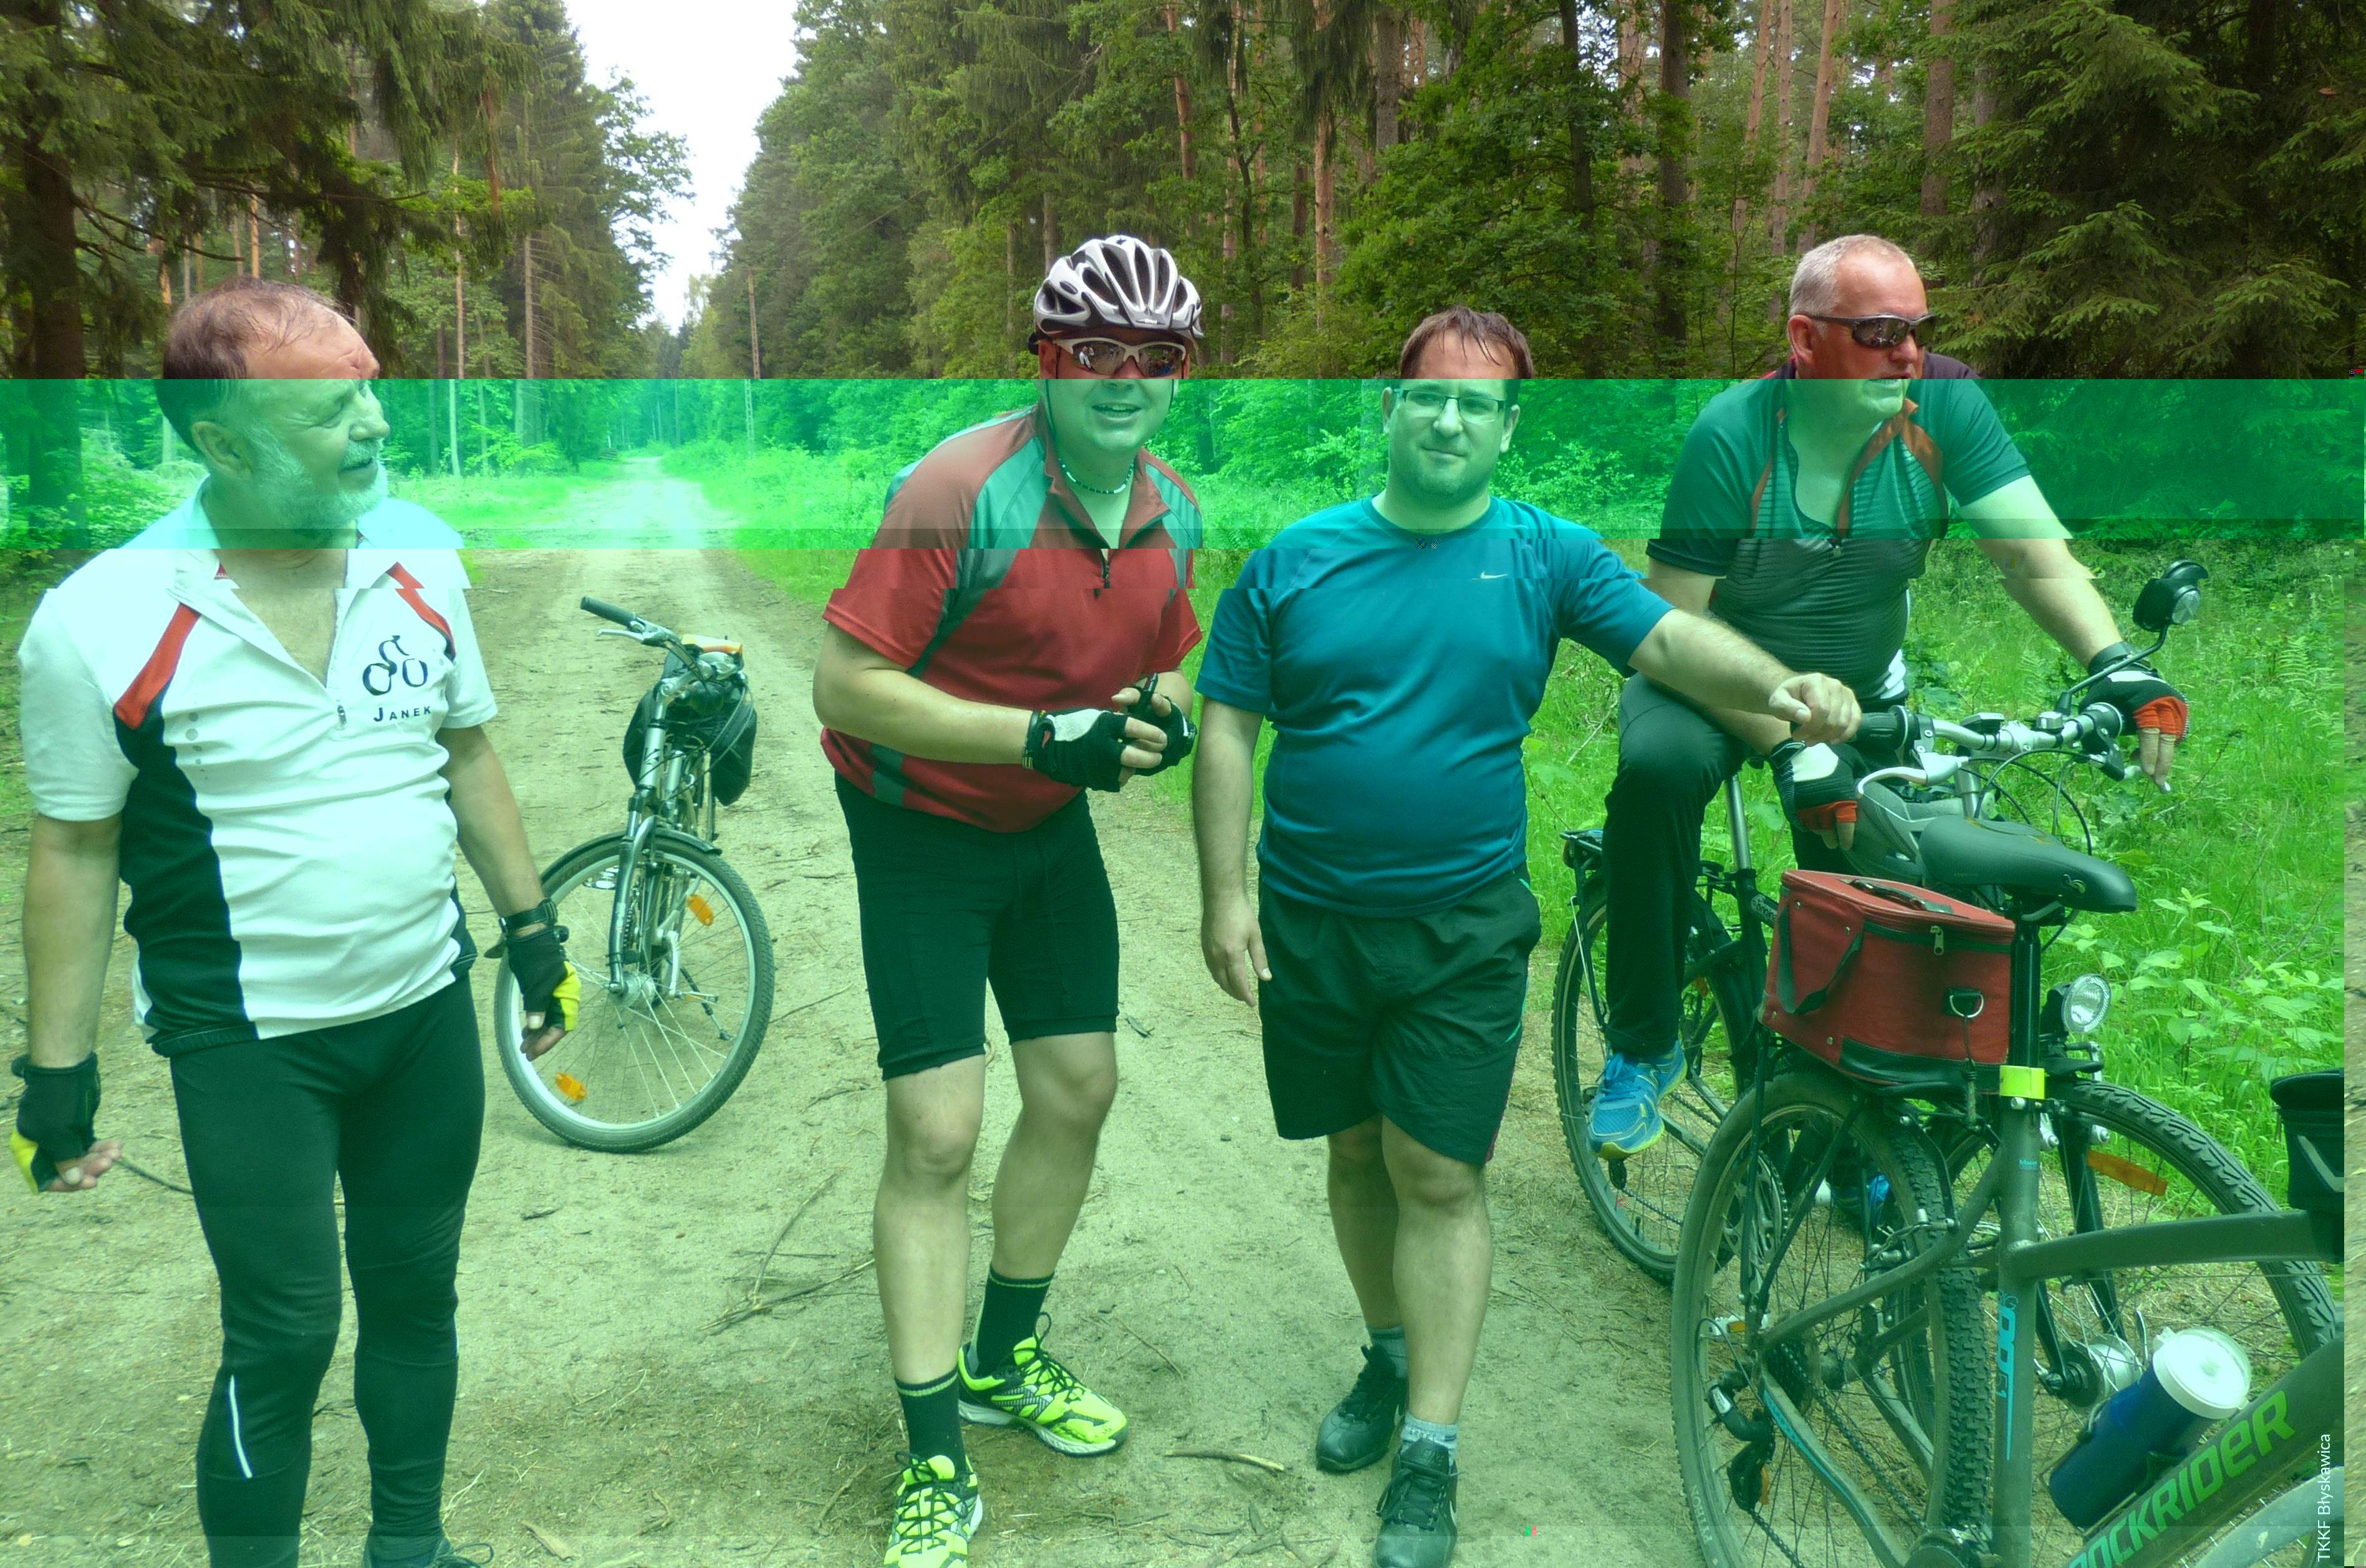 POWITANIE LATA nr 10. Turystyka rowerowa - krajoznawcza, terenowa, rodzinna.